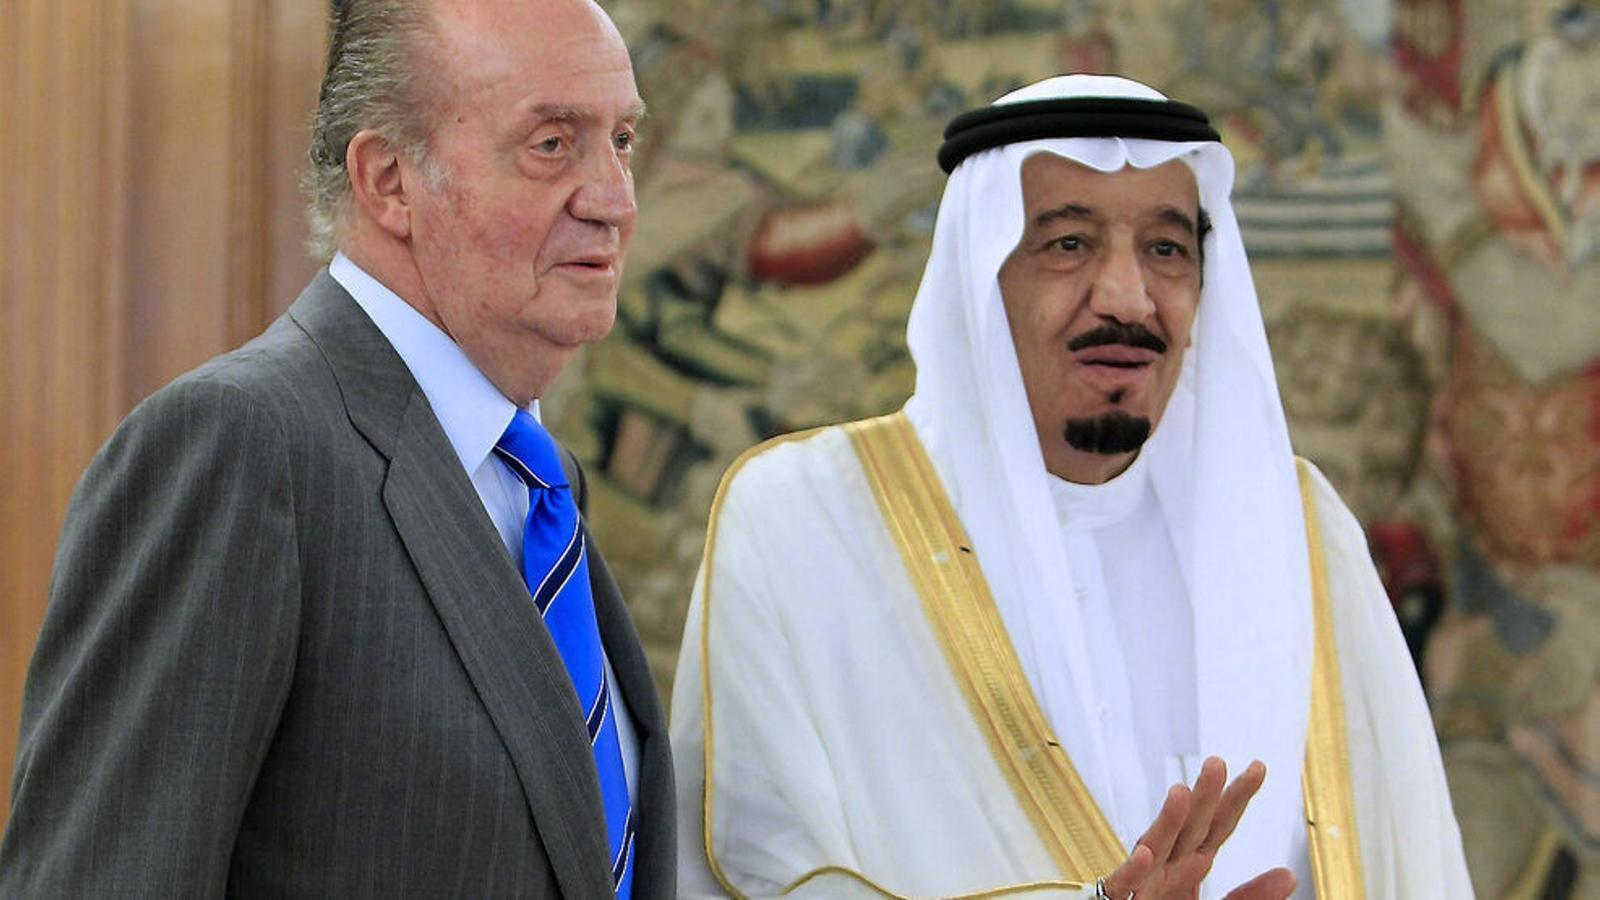 La Fiscalía se inclina a archivar la causa   sobre Juan Carlos I del AVE de La Meca / GUSTAVO CUEVAS / EFE